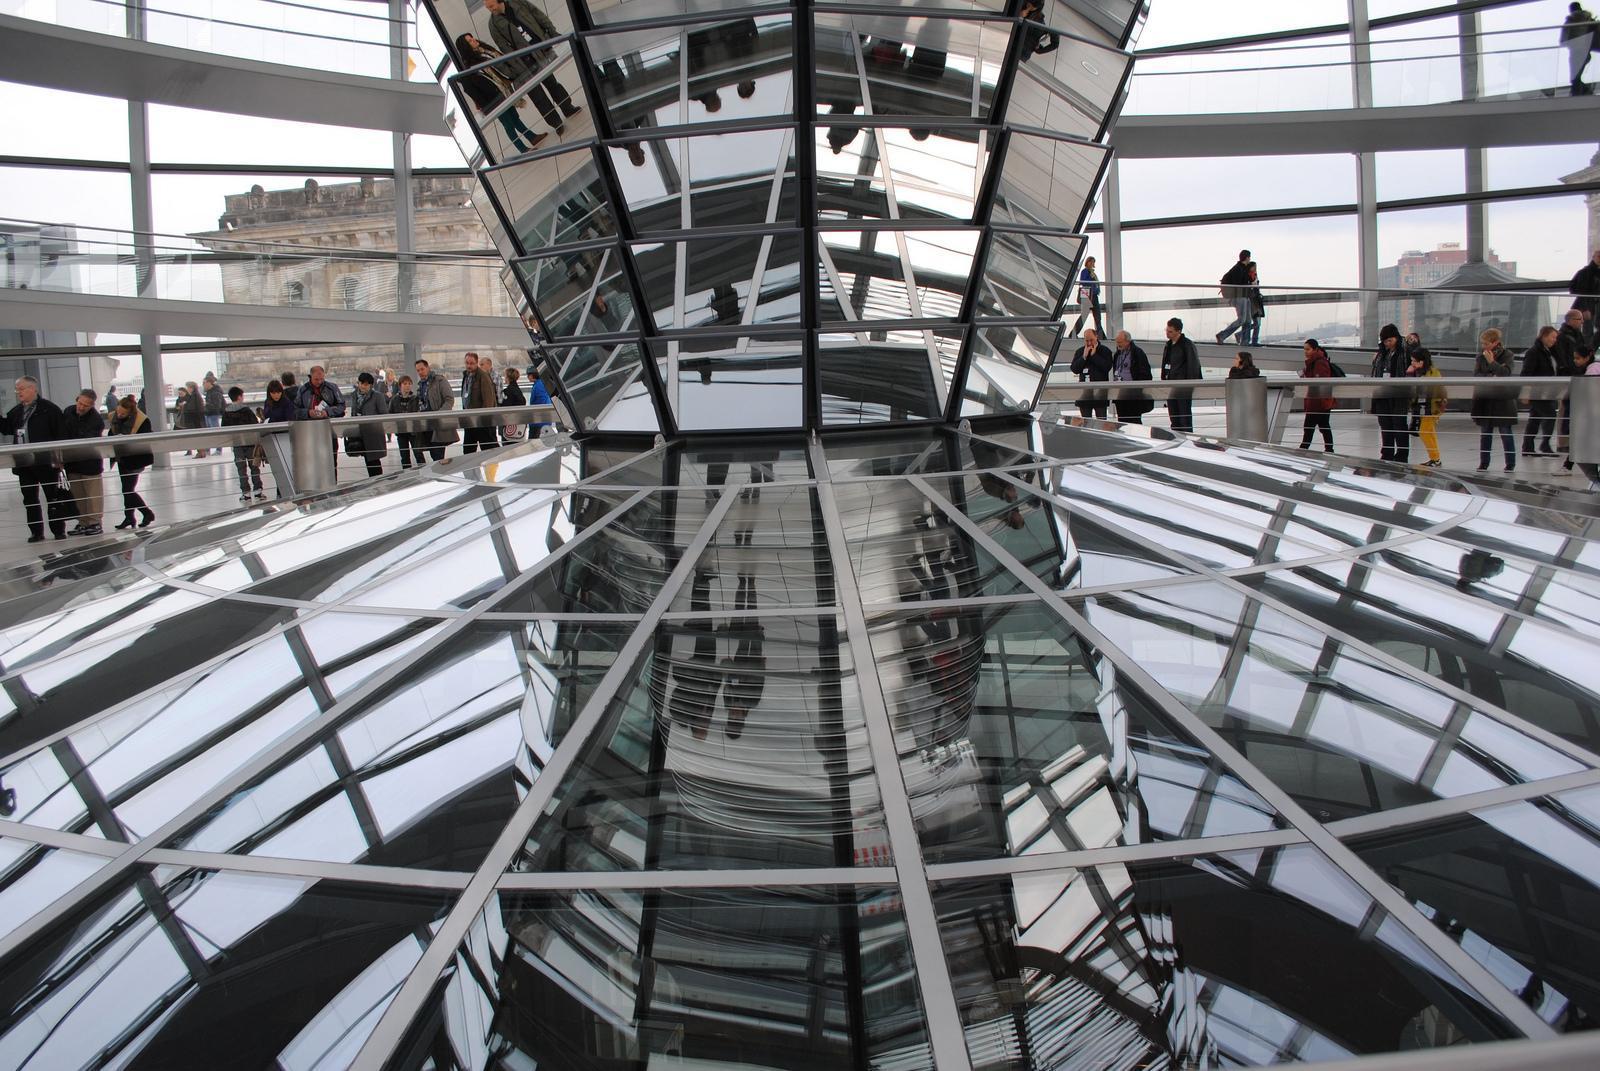 reichstag4 Visit the Reichstag in Berlin